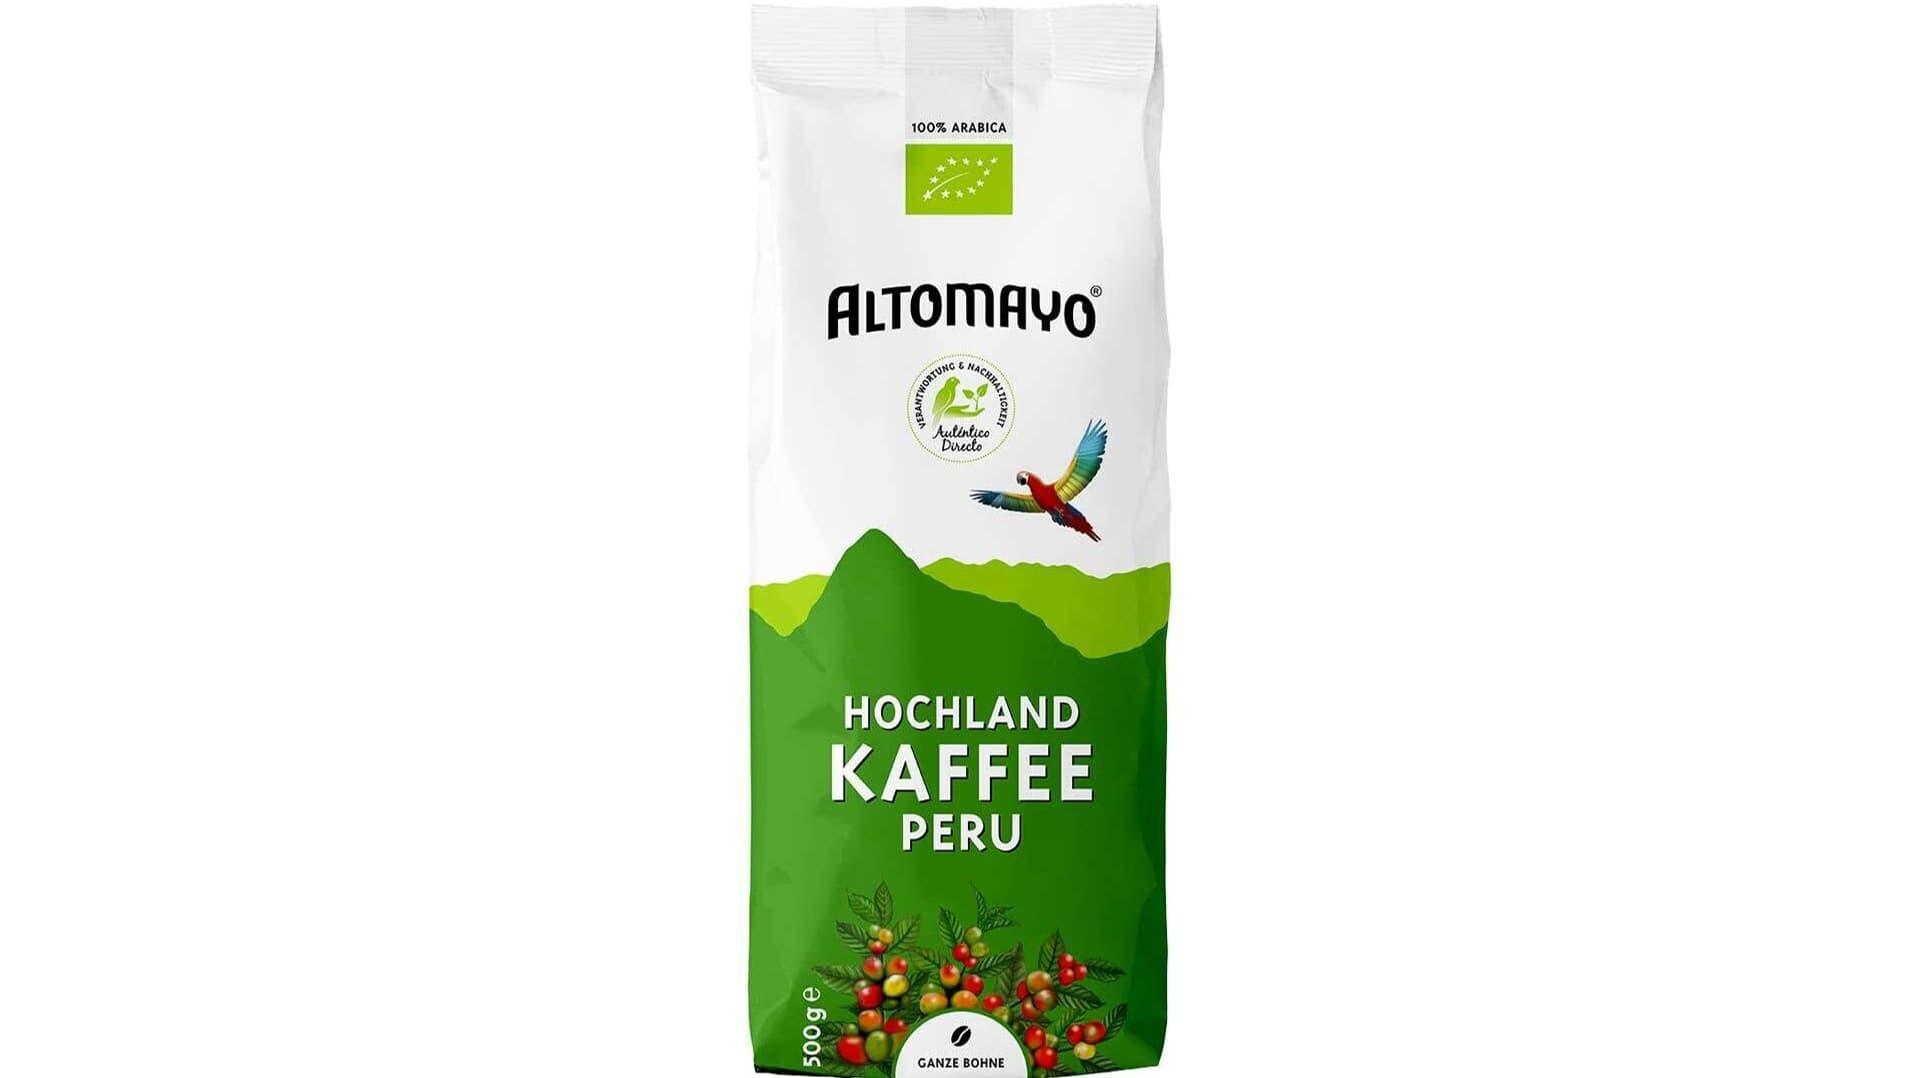 Kaffee von Altomayo